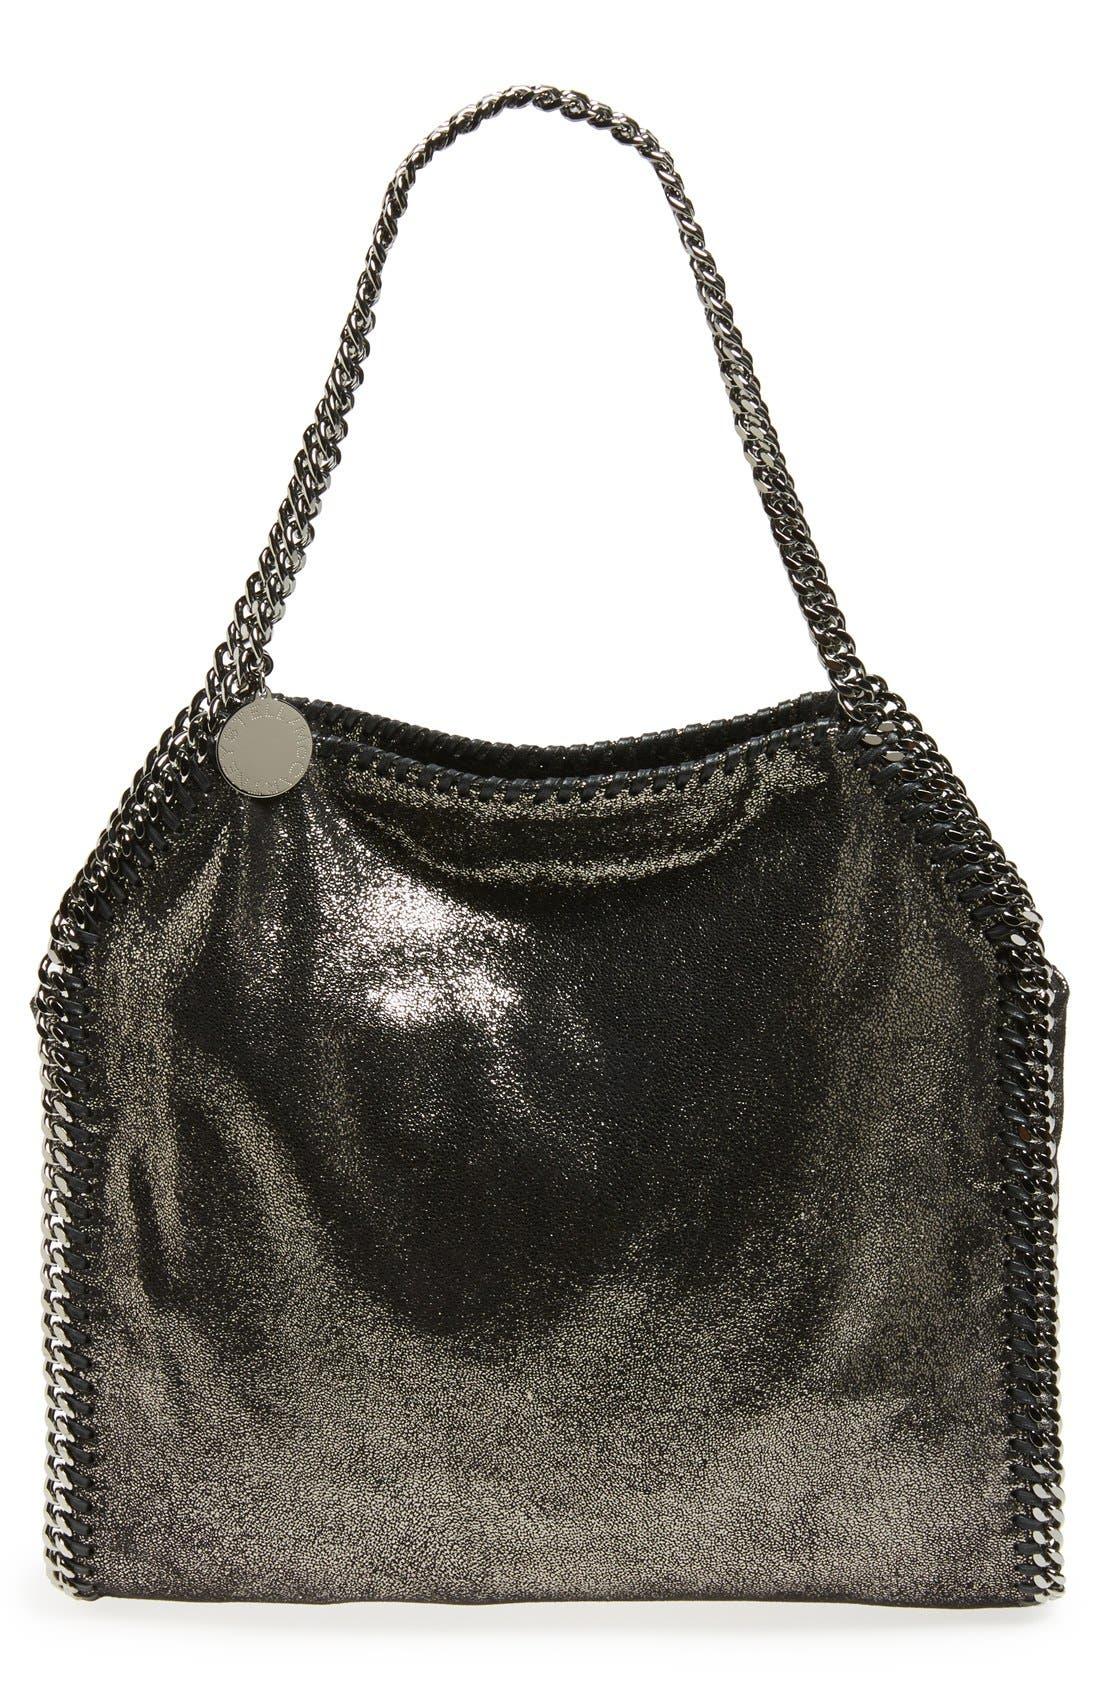 STELLA MCCARTNEY 'Small Falabella' Faux Leather Tote